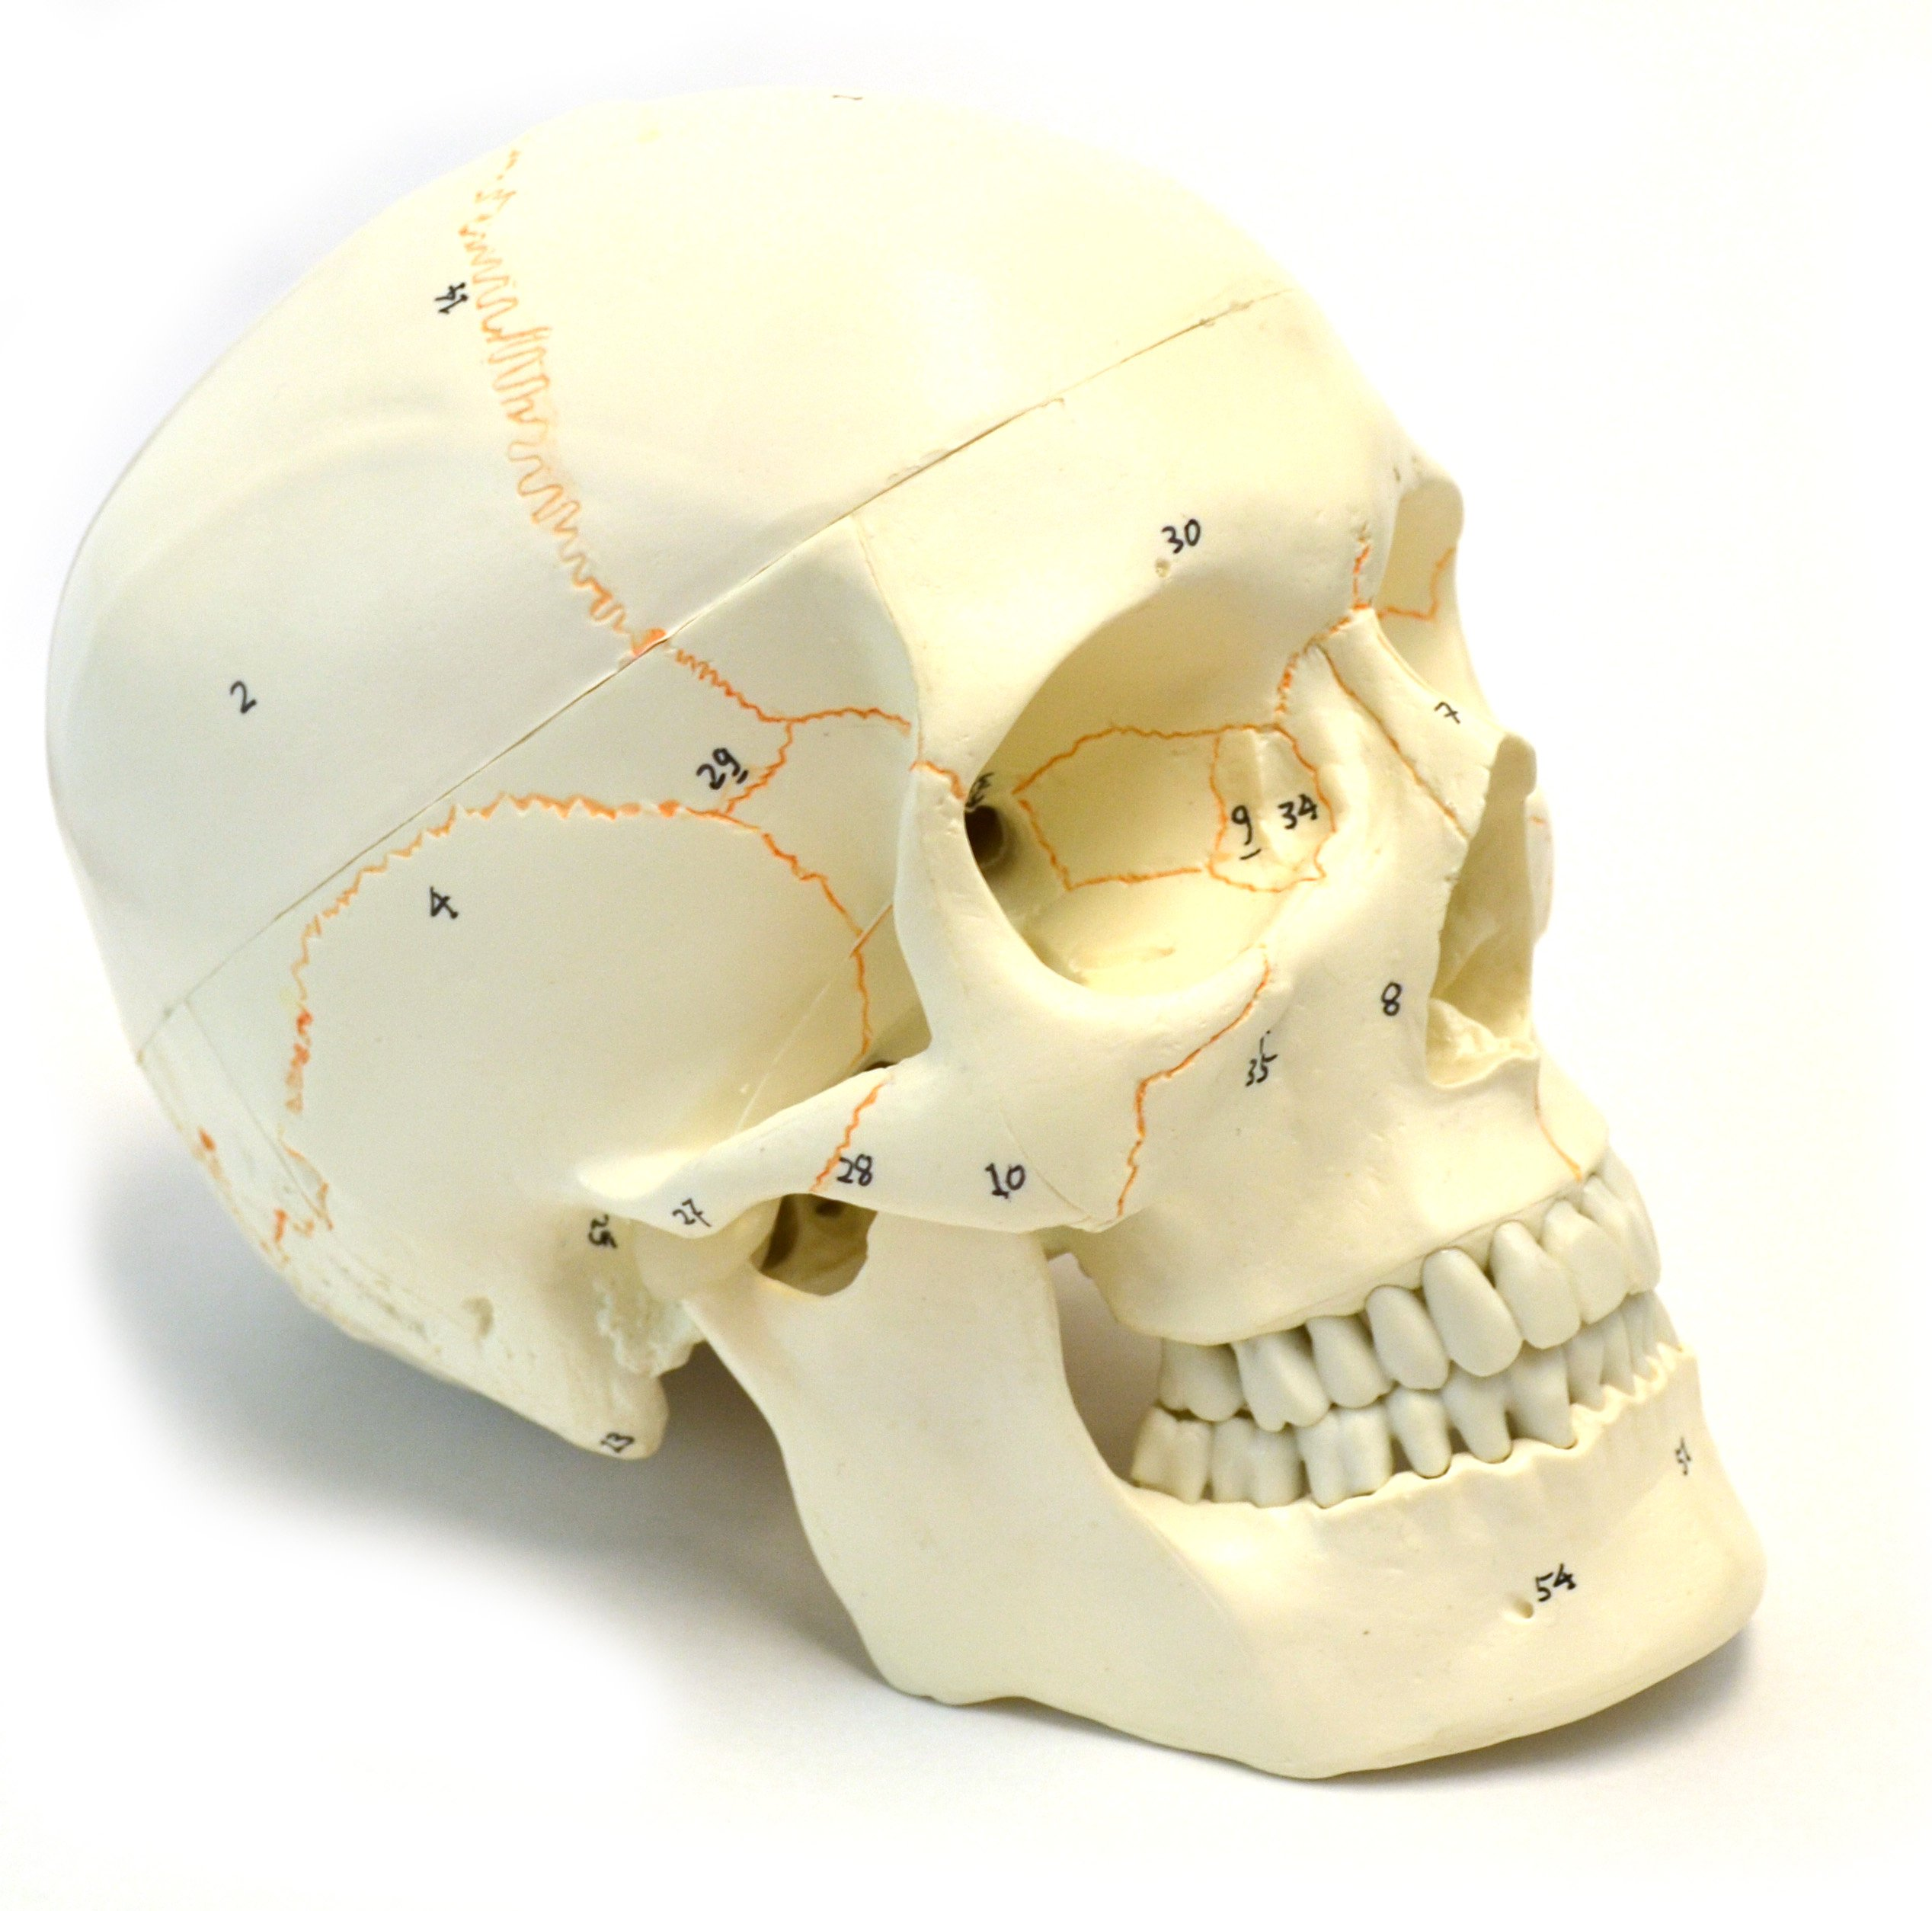 являются формы норм черепа человека фото жары суши